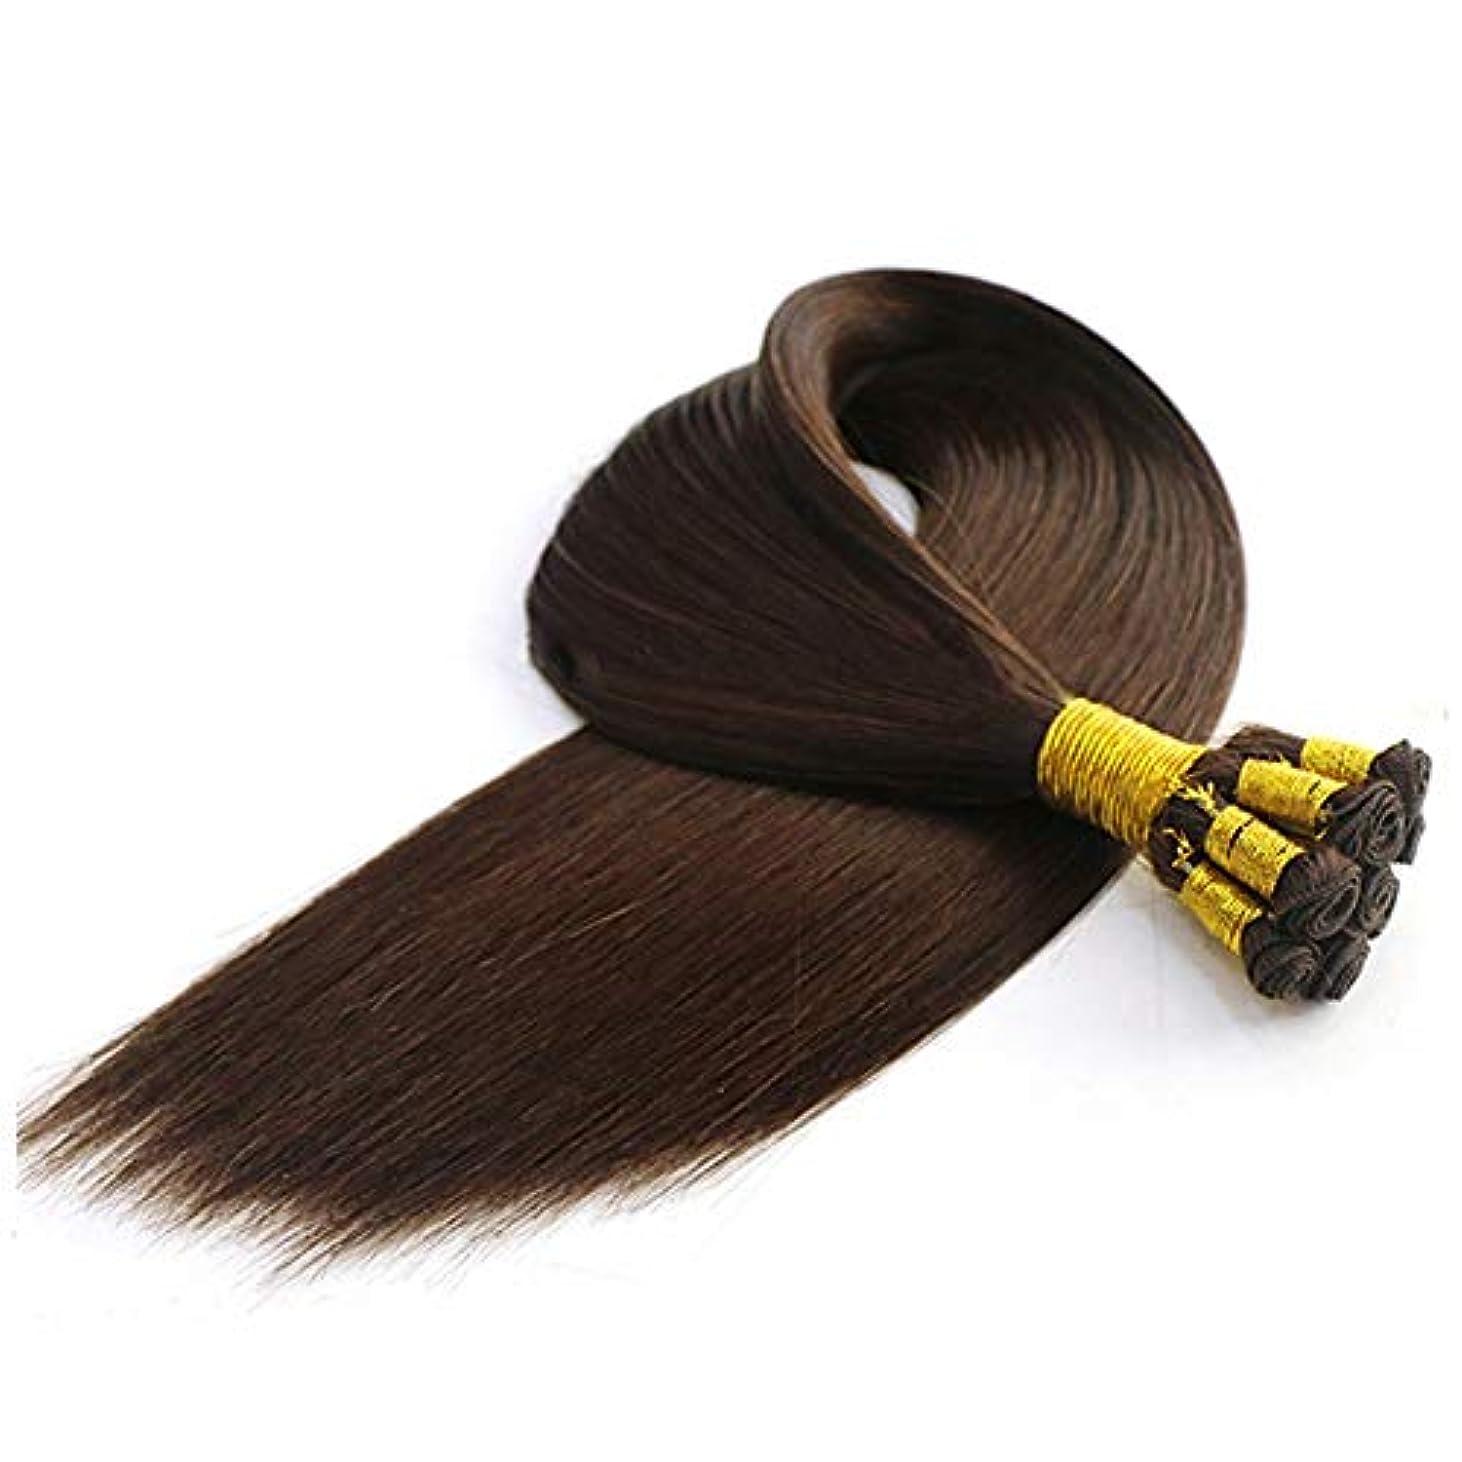 アカデミック統計的ひねくれたWASAIO ヘアエクステンションクリップUnseamed髪型マイクロナノリングSluttishループマイクロビーズ人間の20インチブラウン色 (色 : ブラウン, サイズ : 28 inch)